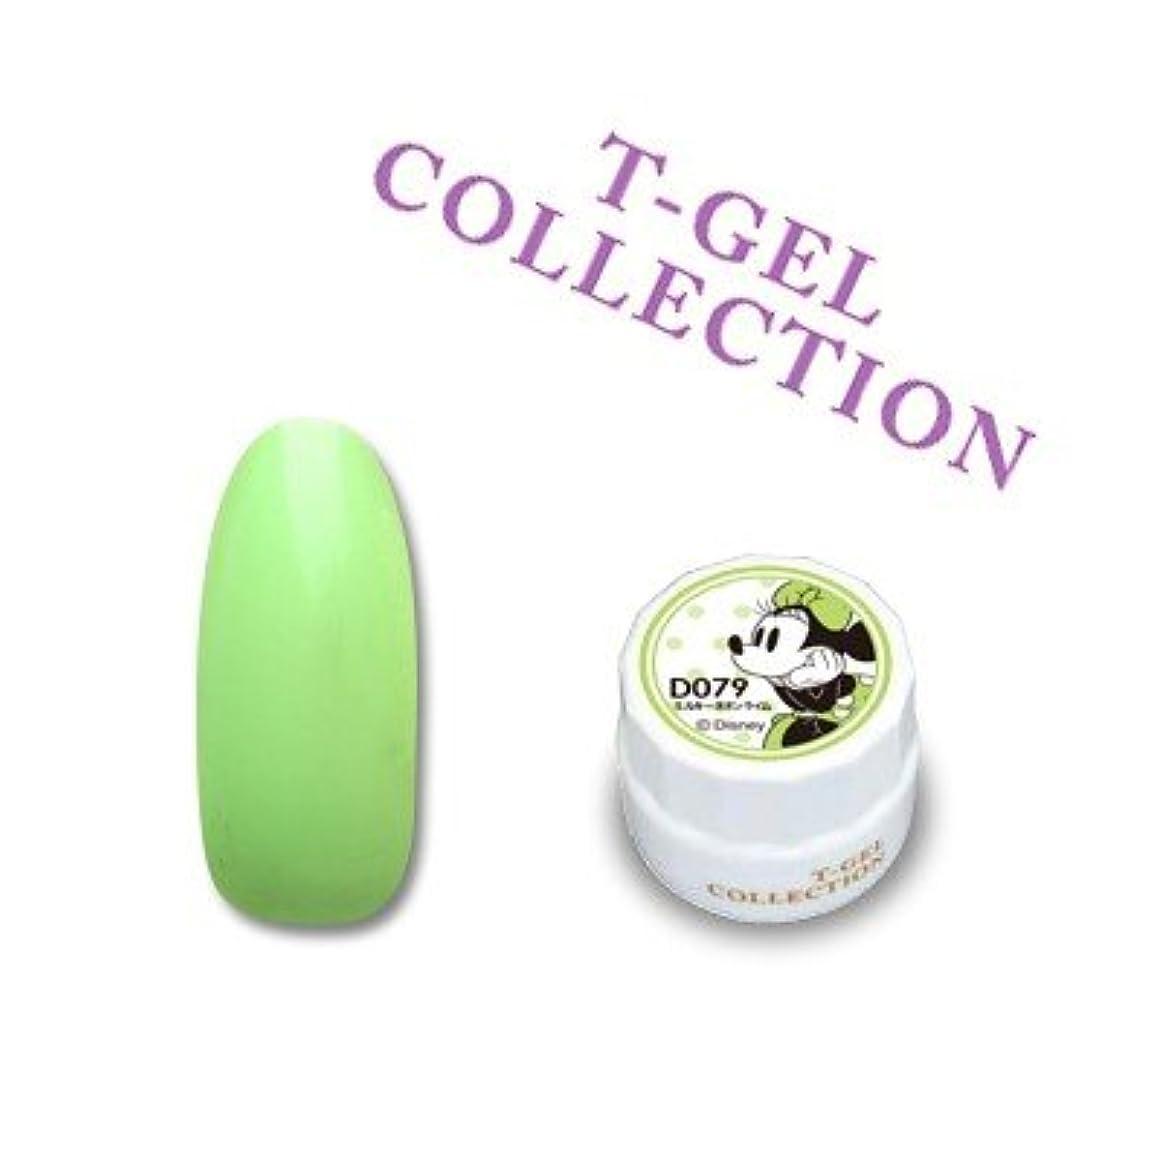 ジェルネイル カラージェル T-GEL ティージェル COLLECTION カラージェル D079 ミルキーネオンライム 4ml